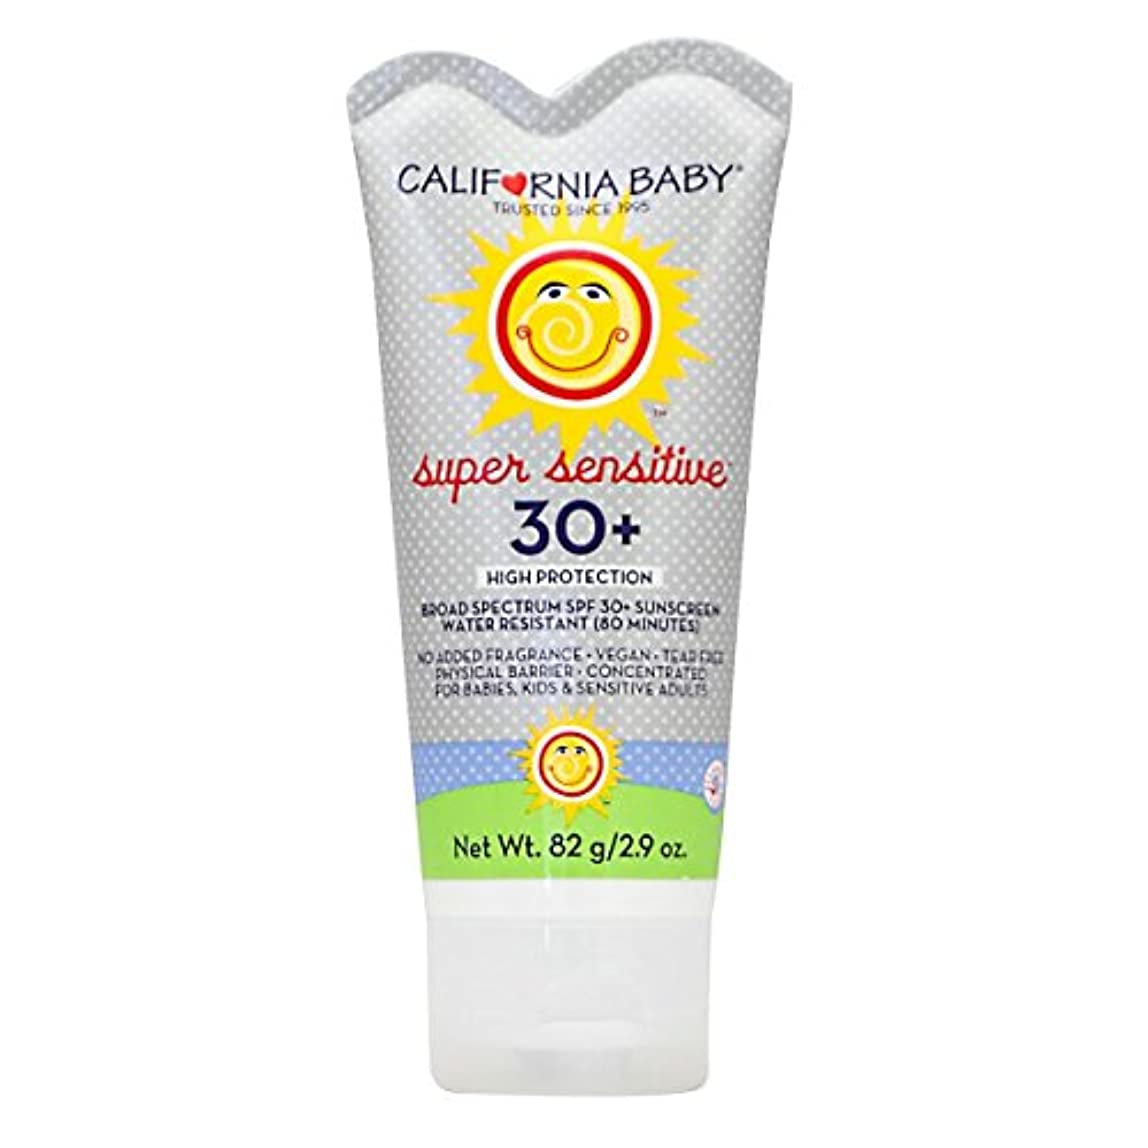 アンデス山脈ピュー素晴らしい良い多くのカリフォルニアベビー日焼け止めクリームSPF30 超敏感肌用82g